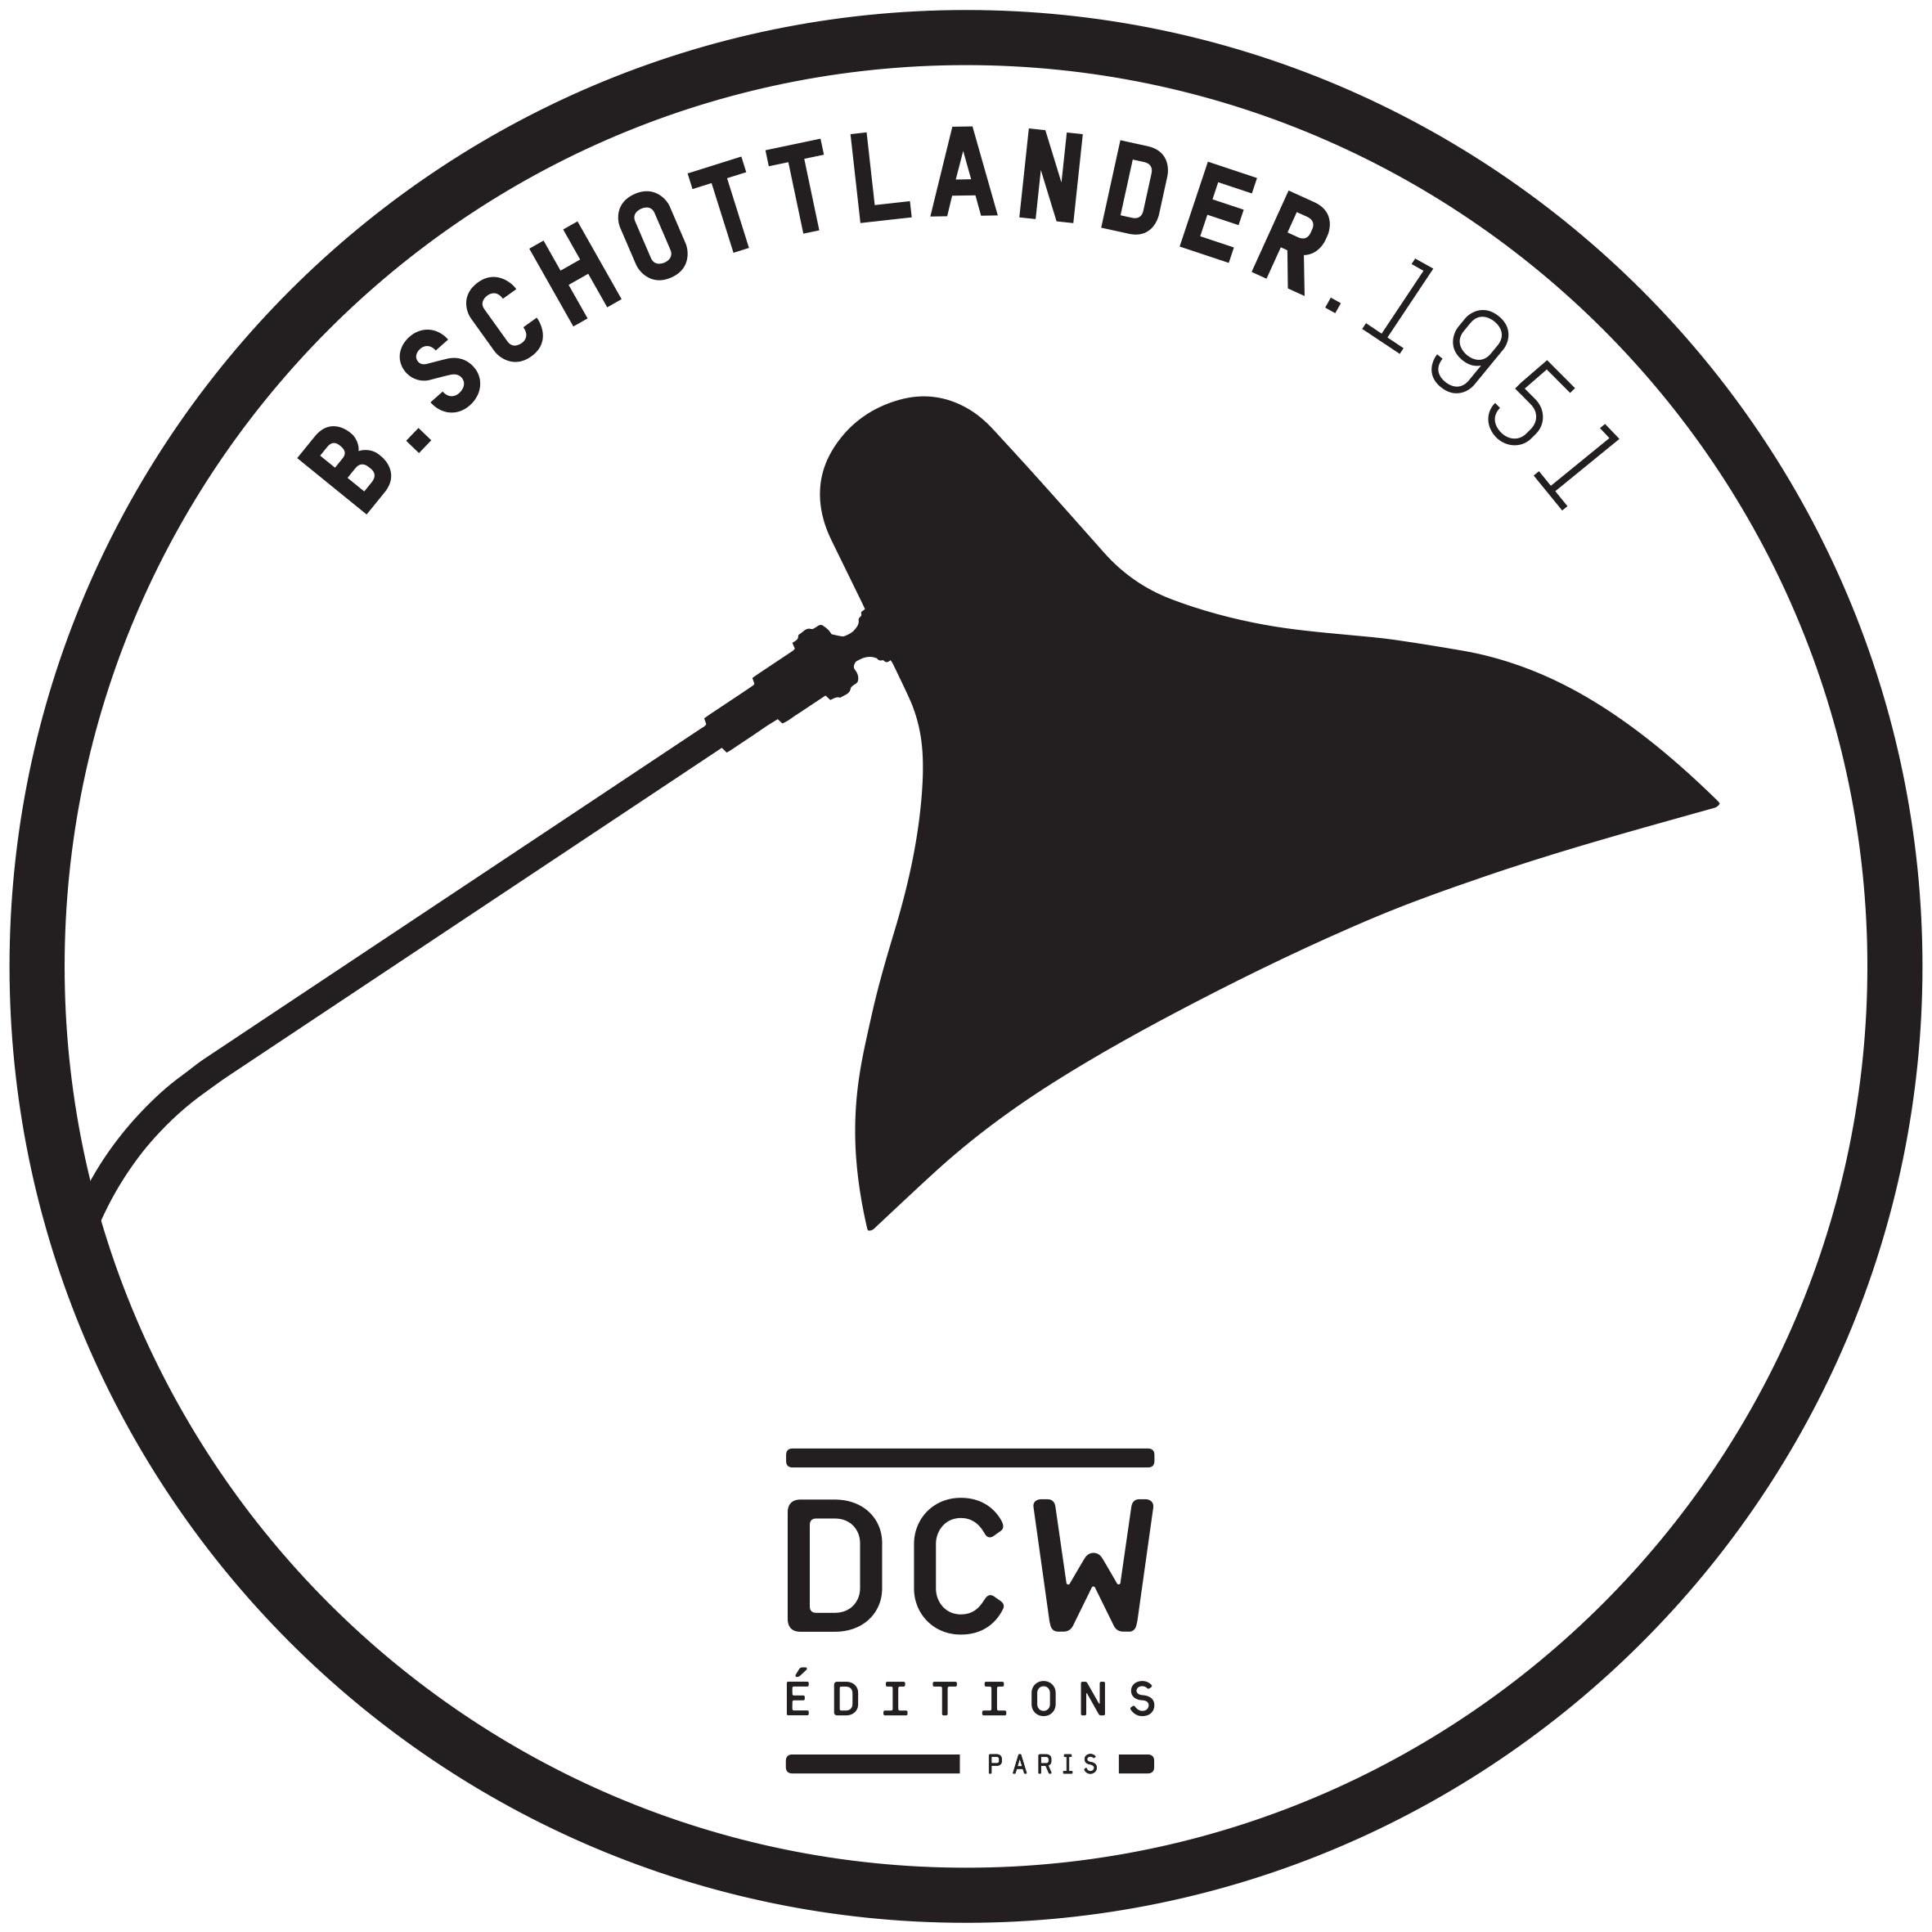 Schottlander par DCW éditions